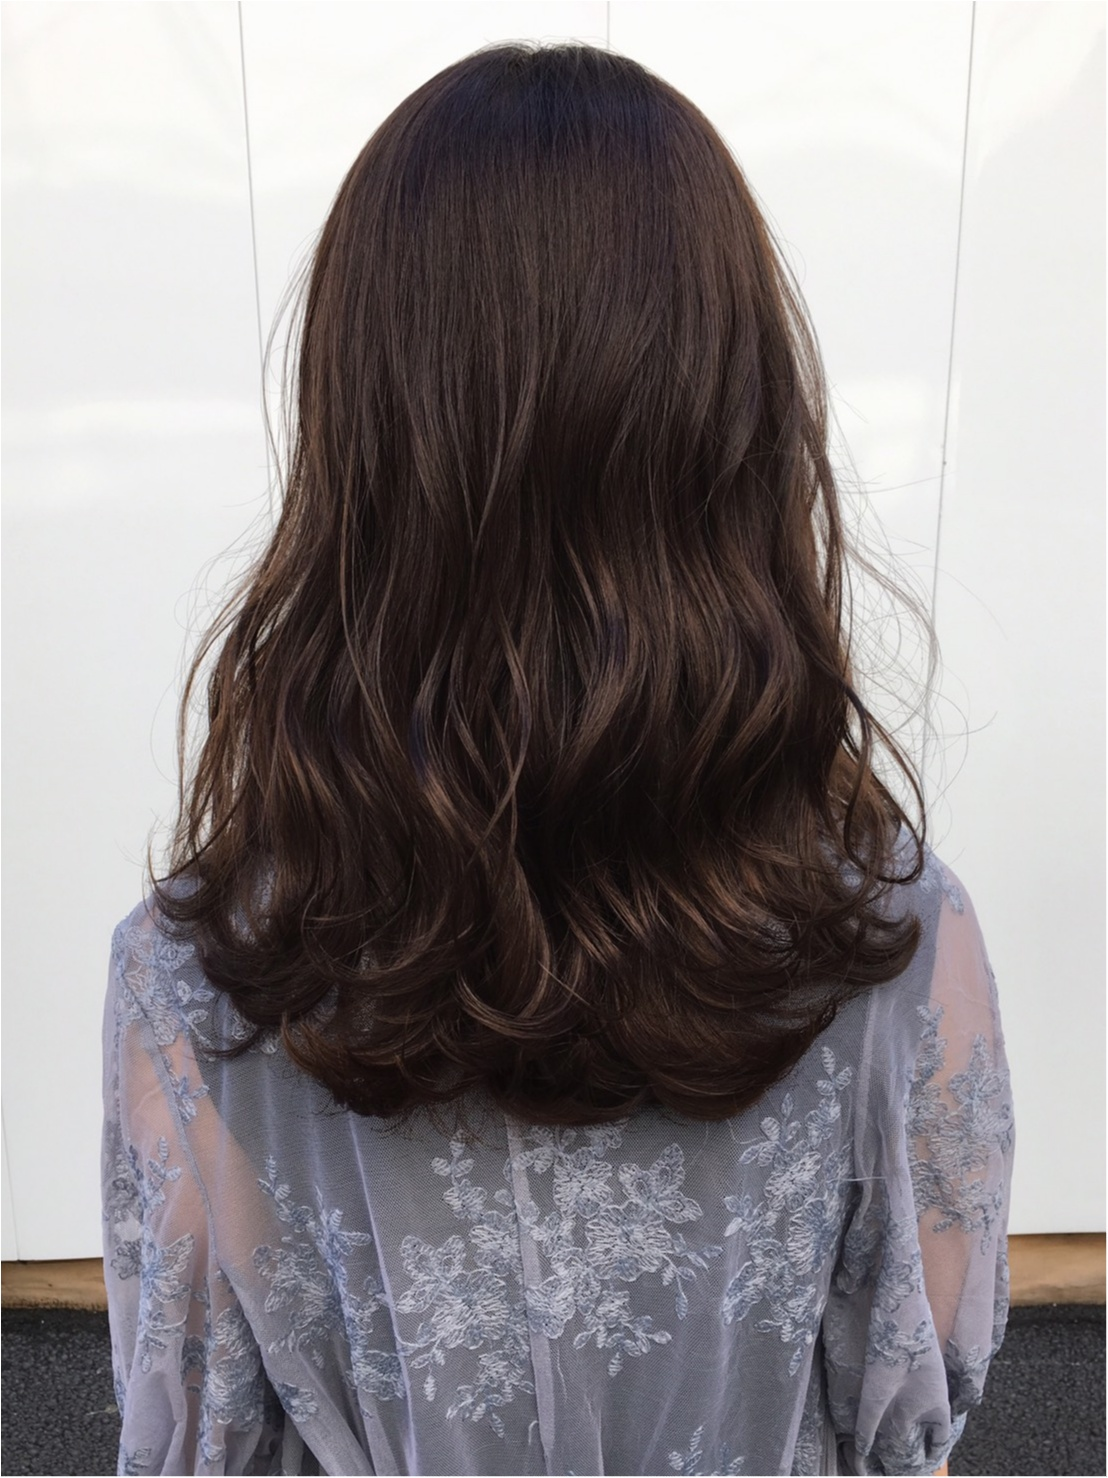 《暗髪でも圧倒的透明感!》秋のヘアカラーは【ラベンダーグレーアッシュ】がオススメ❤️_3